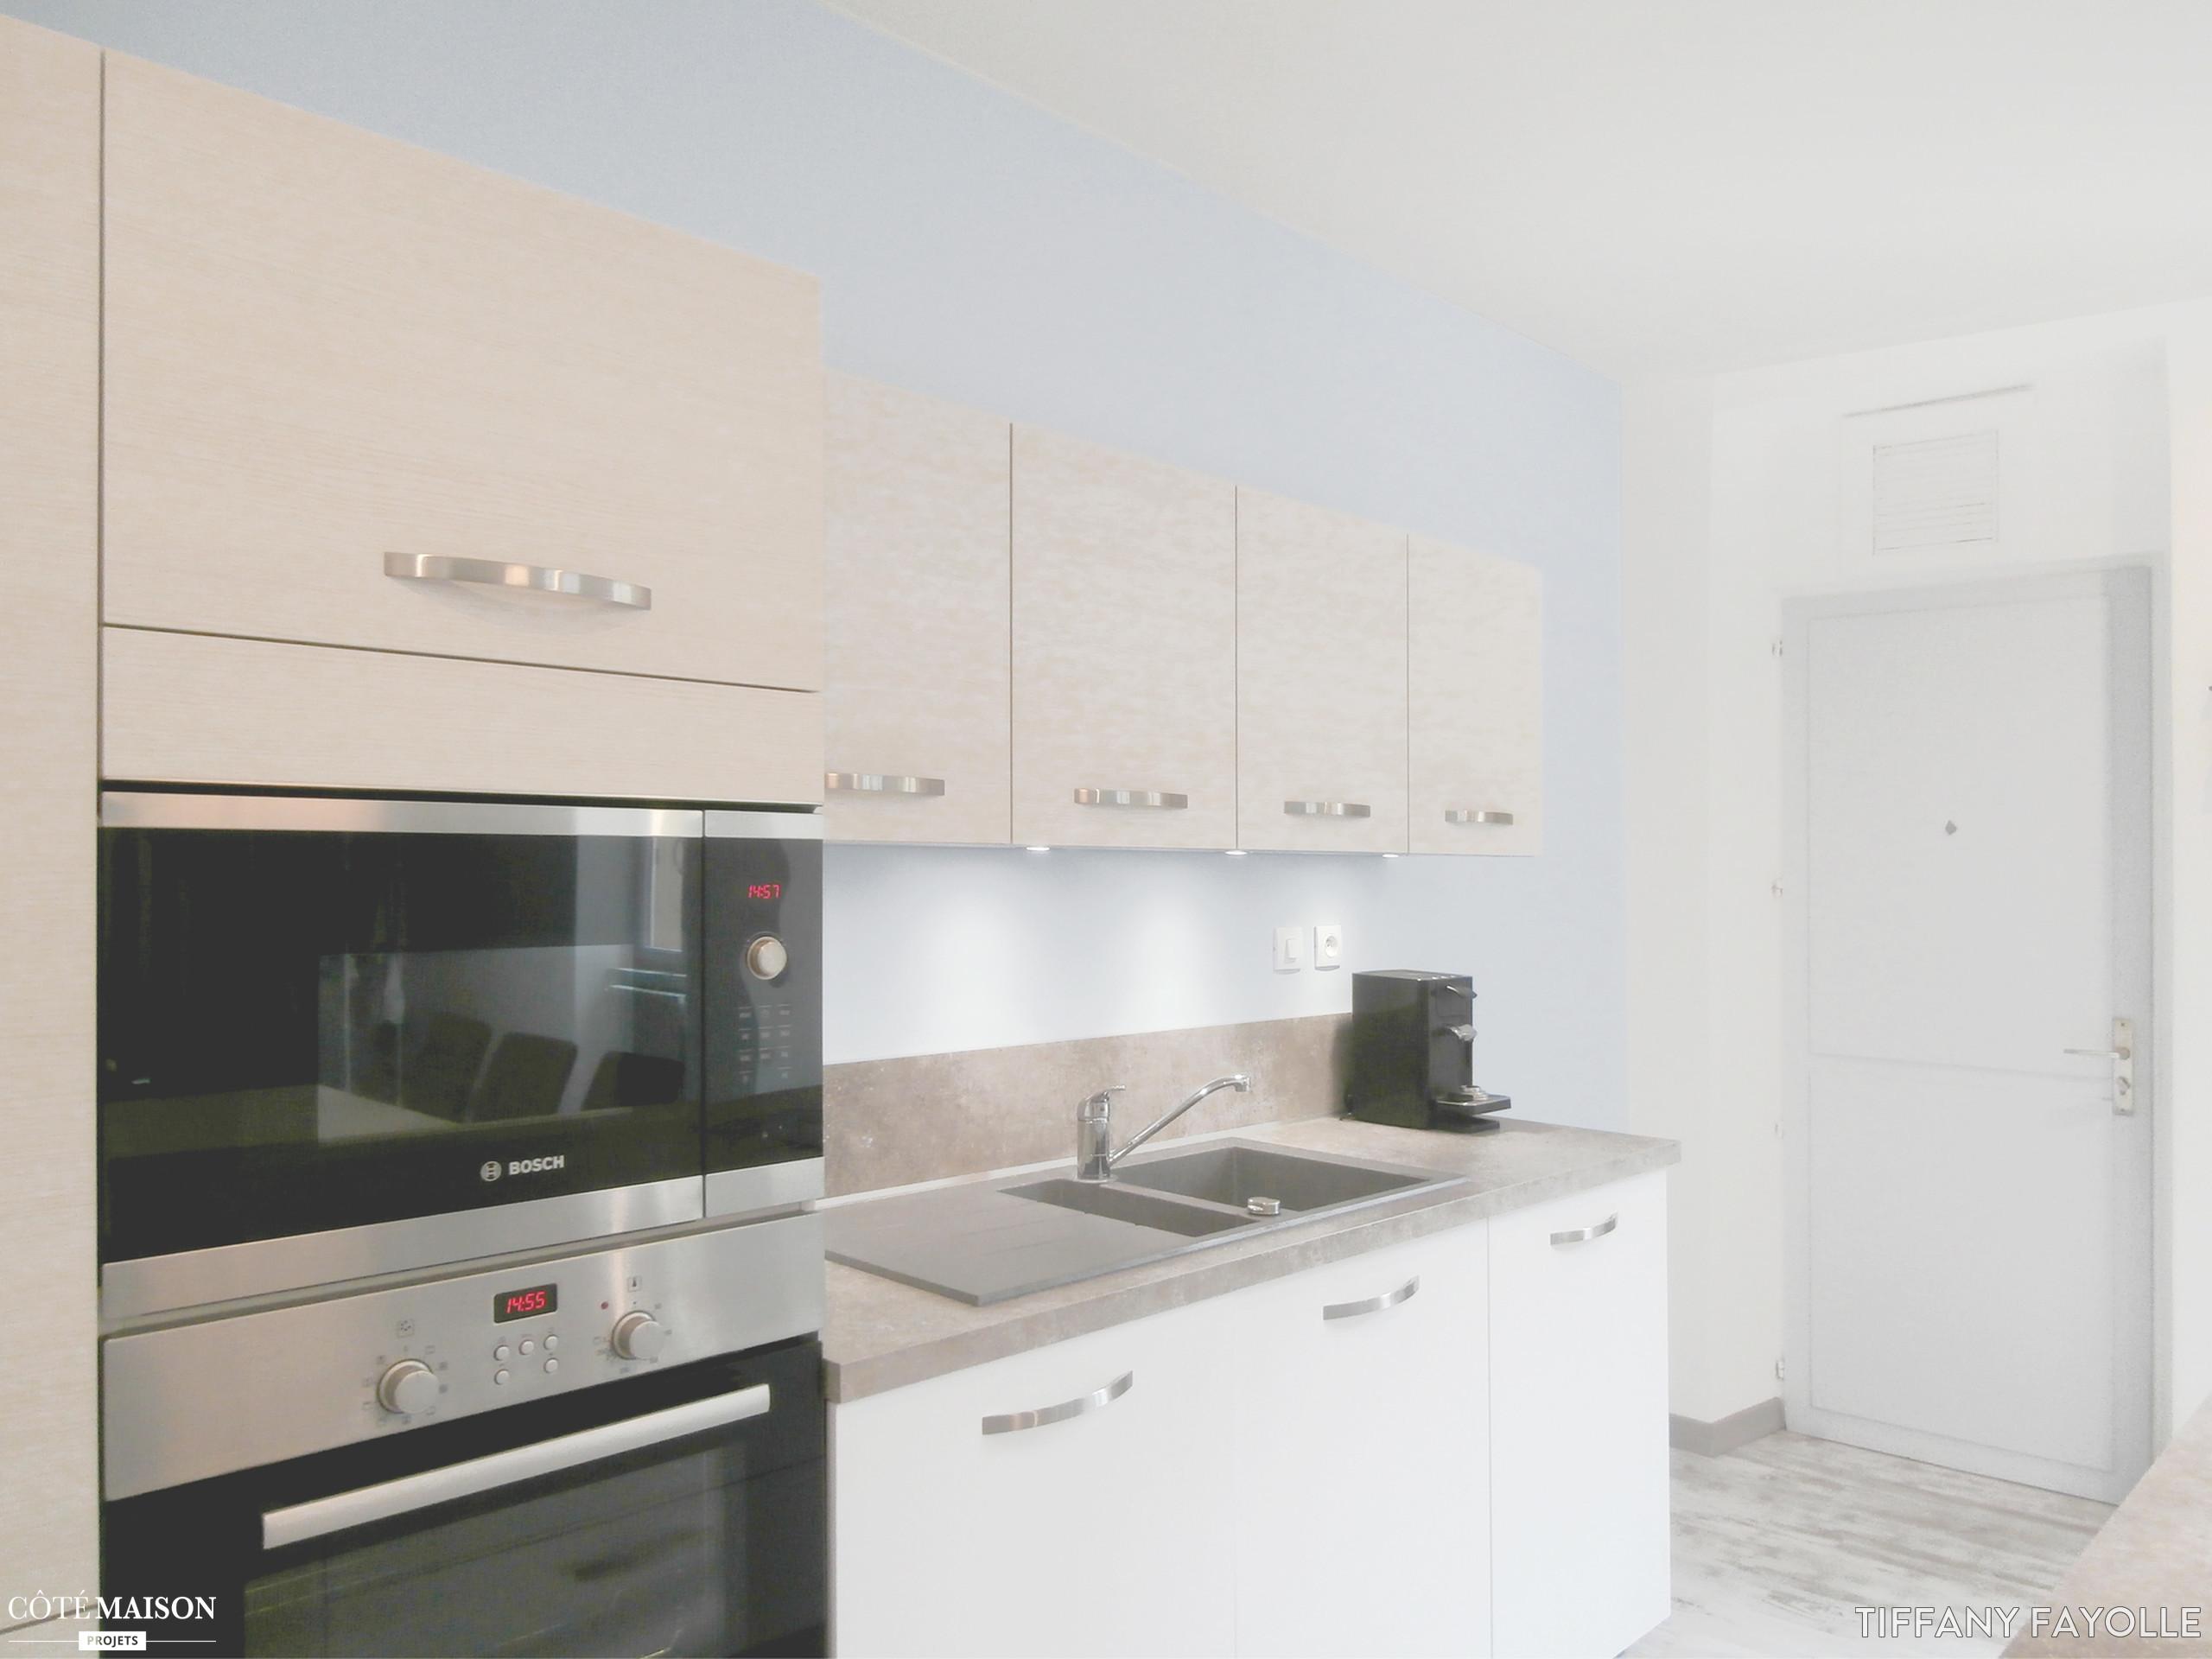 idee-deco-architecte-interieur-decorateur-lyon-tarifs